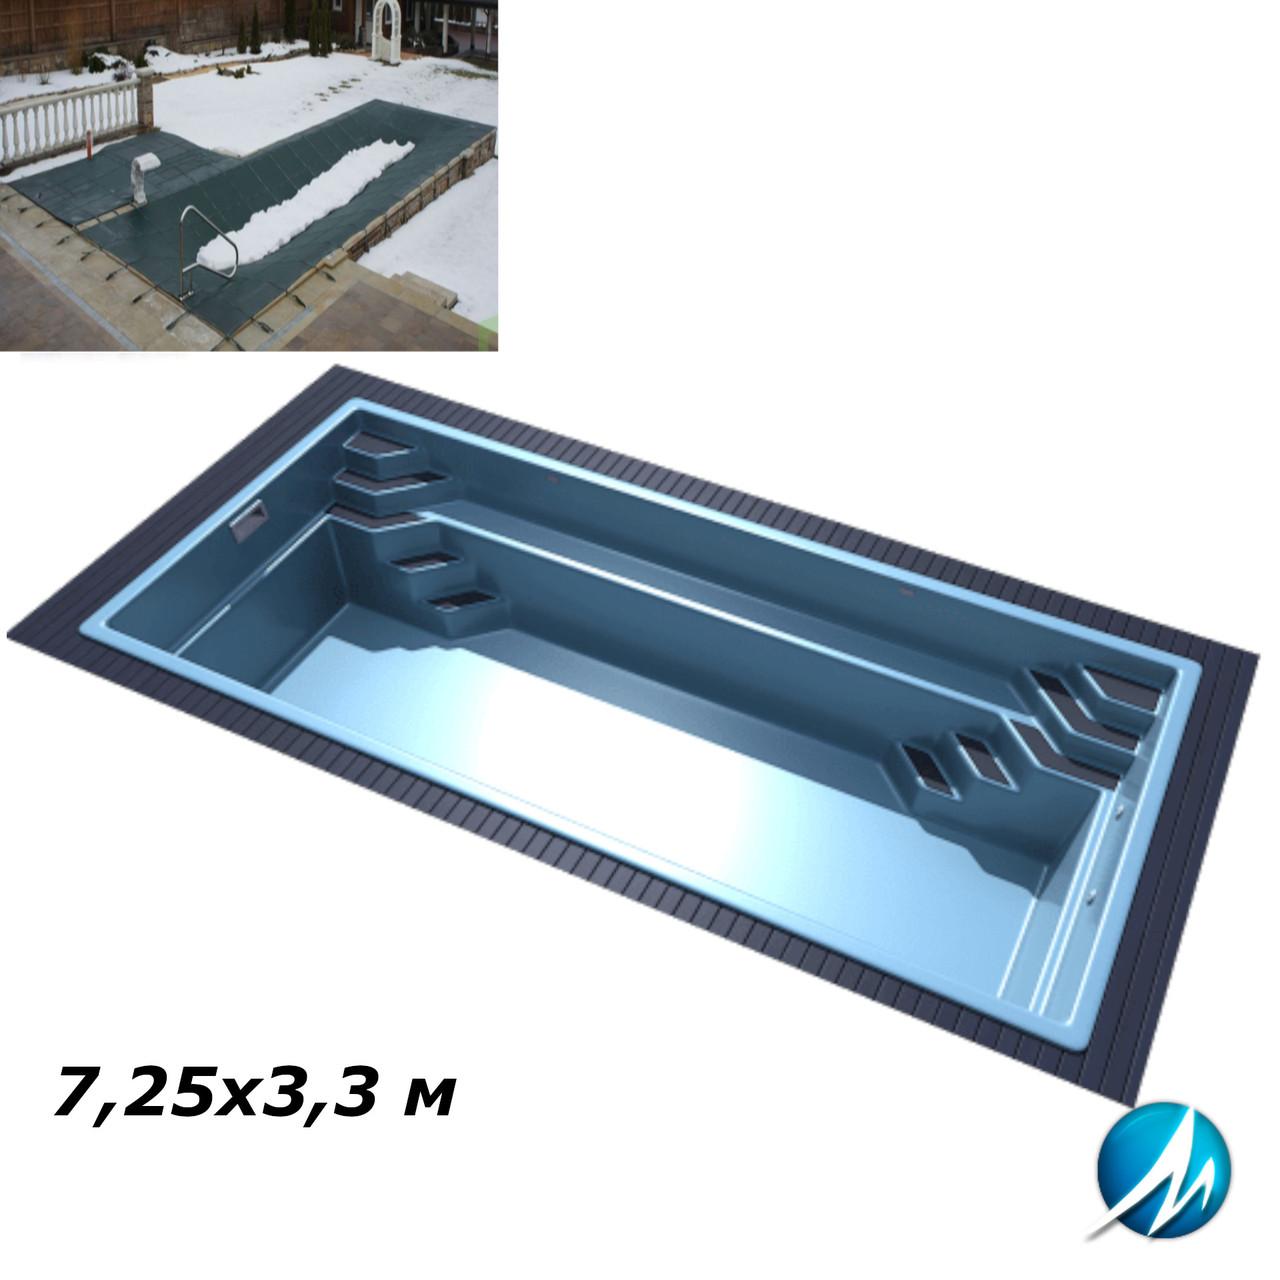 Зимнее накрытие для стекловолоконного бассейна 7,25х3,3 м